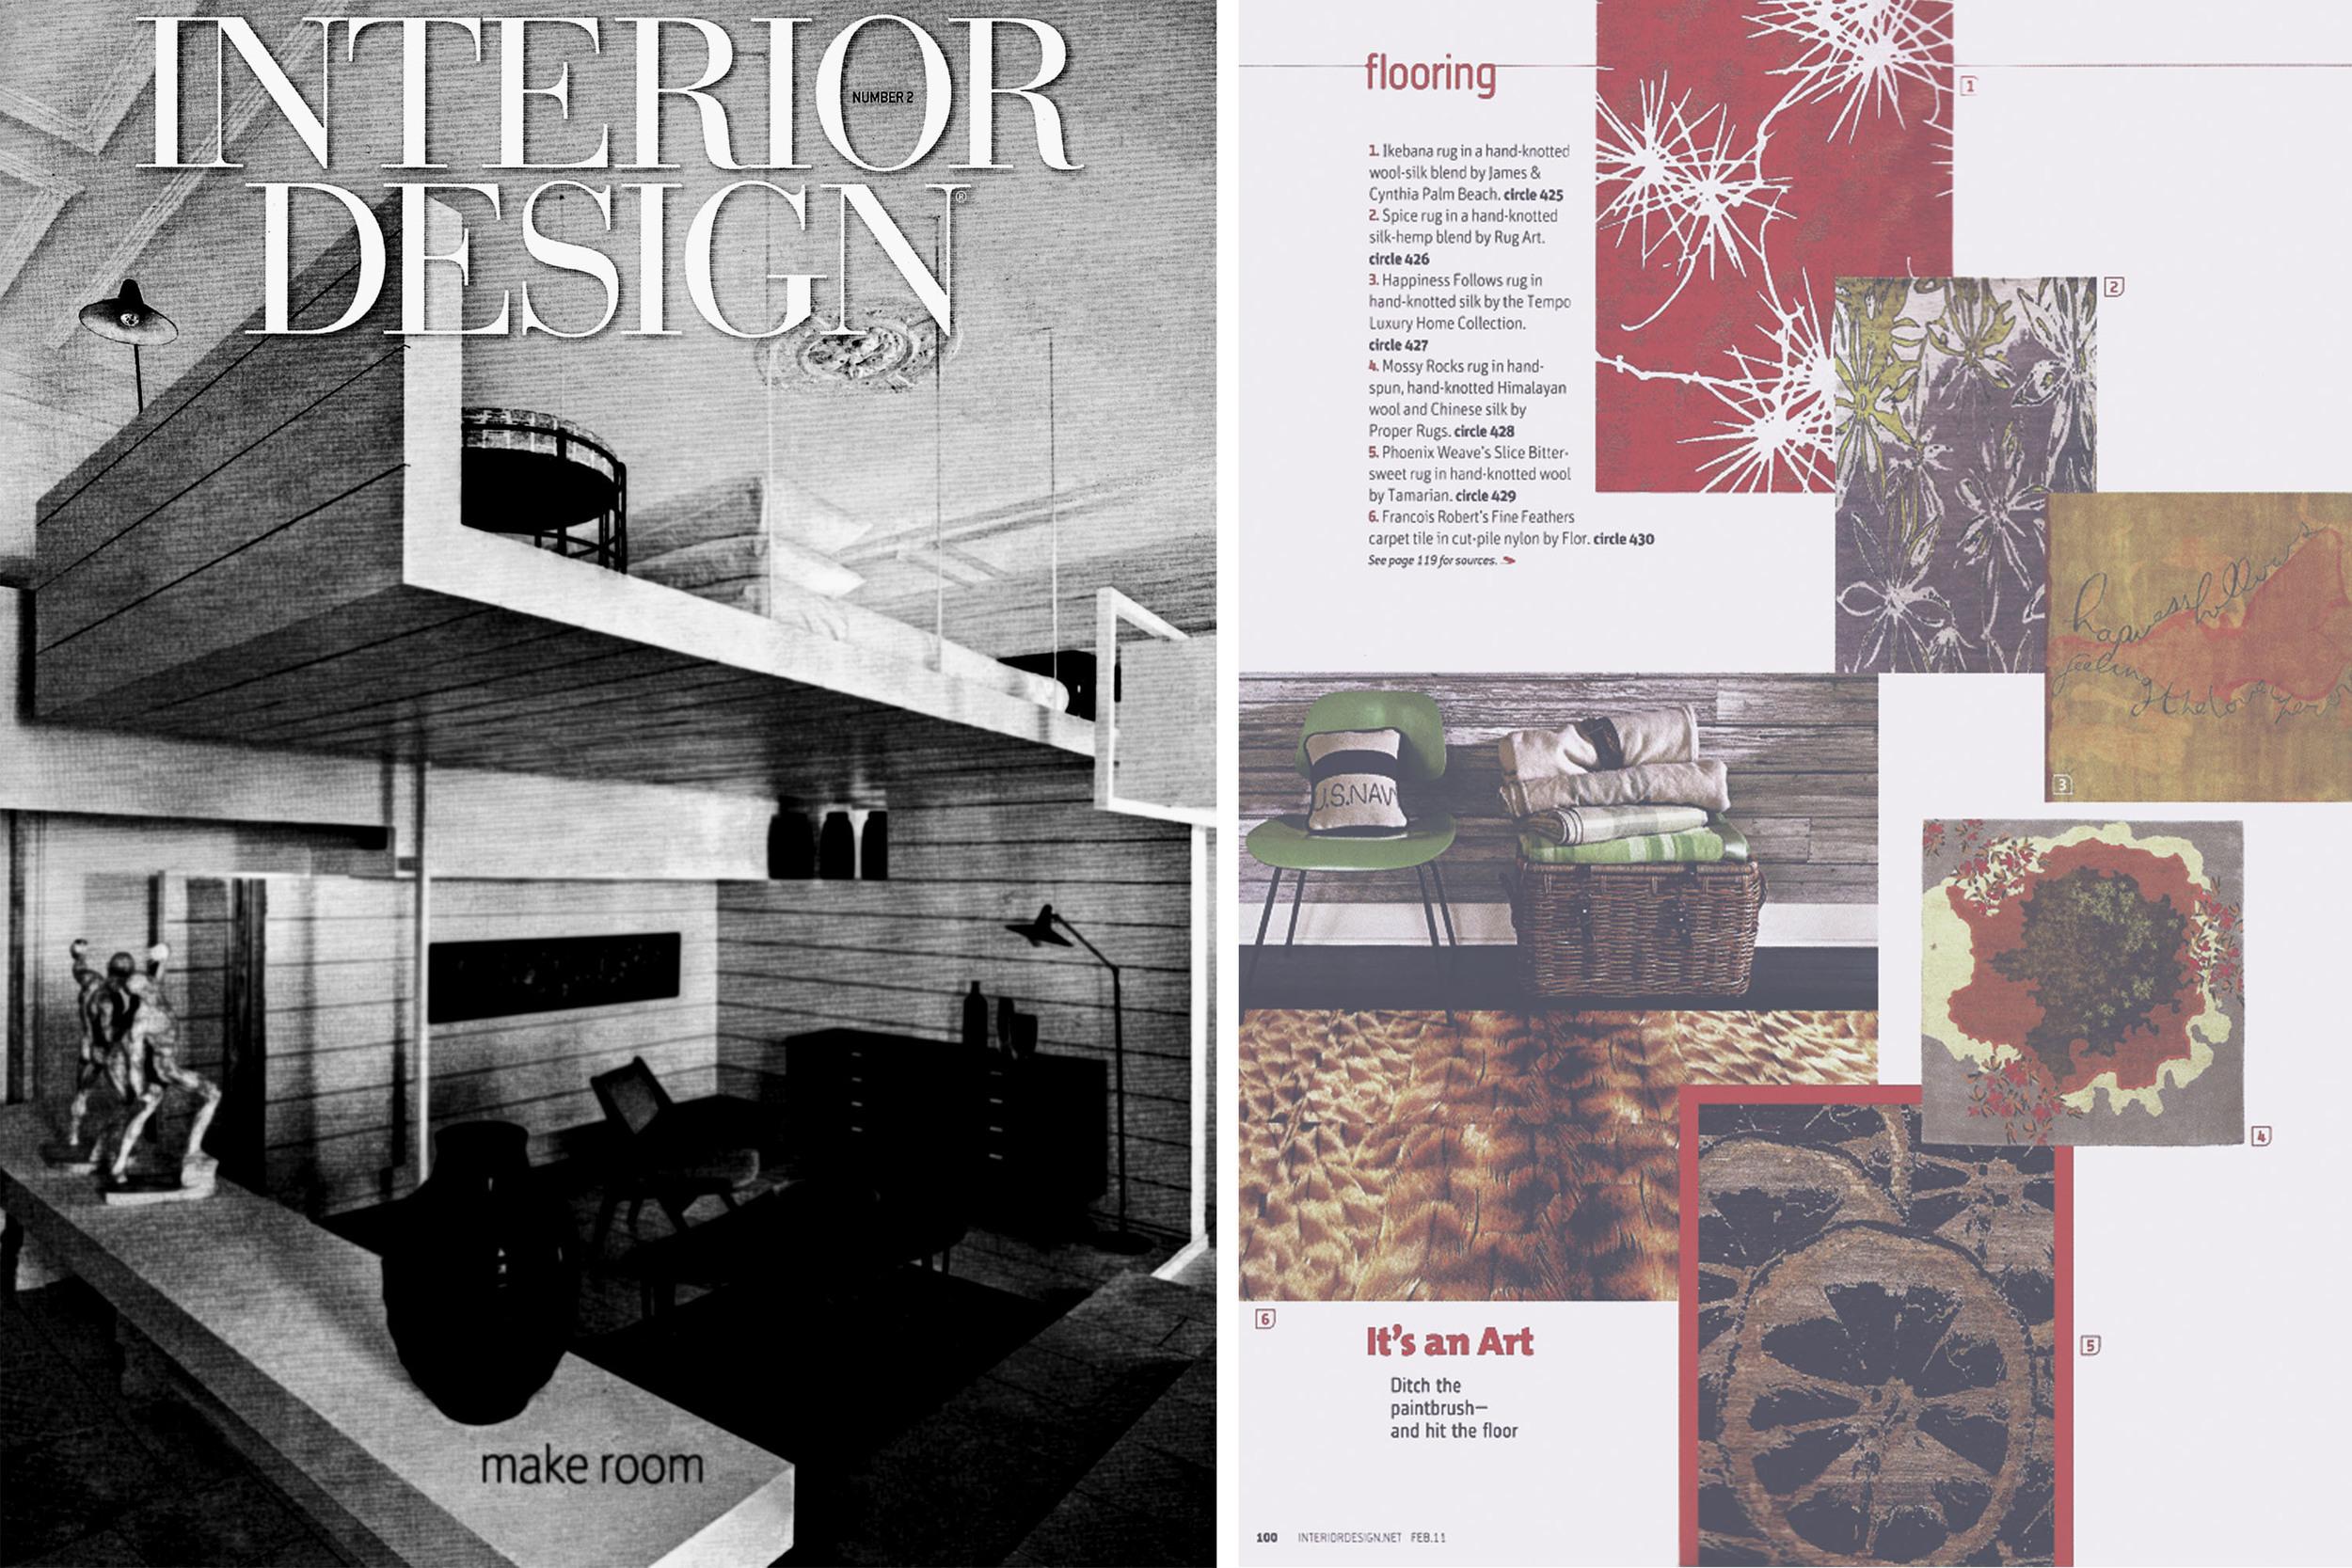 NYC Interior Designer Soho NY 10012, Tribeca, NY 10013 | Joe Ginsberg Design